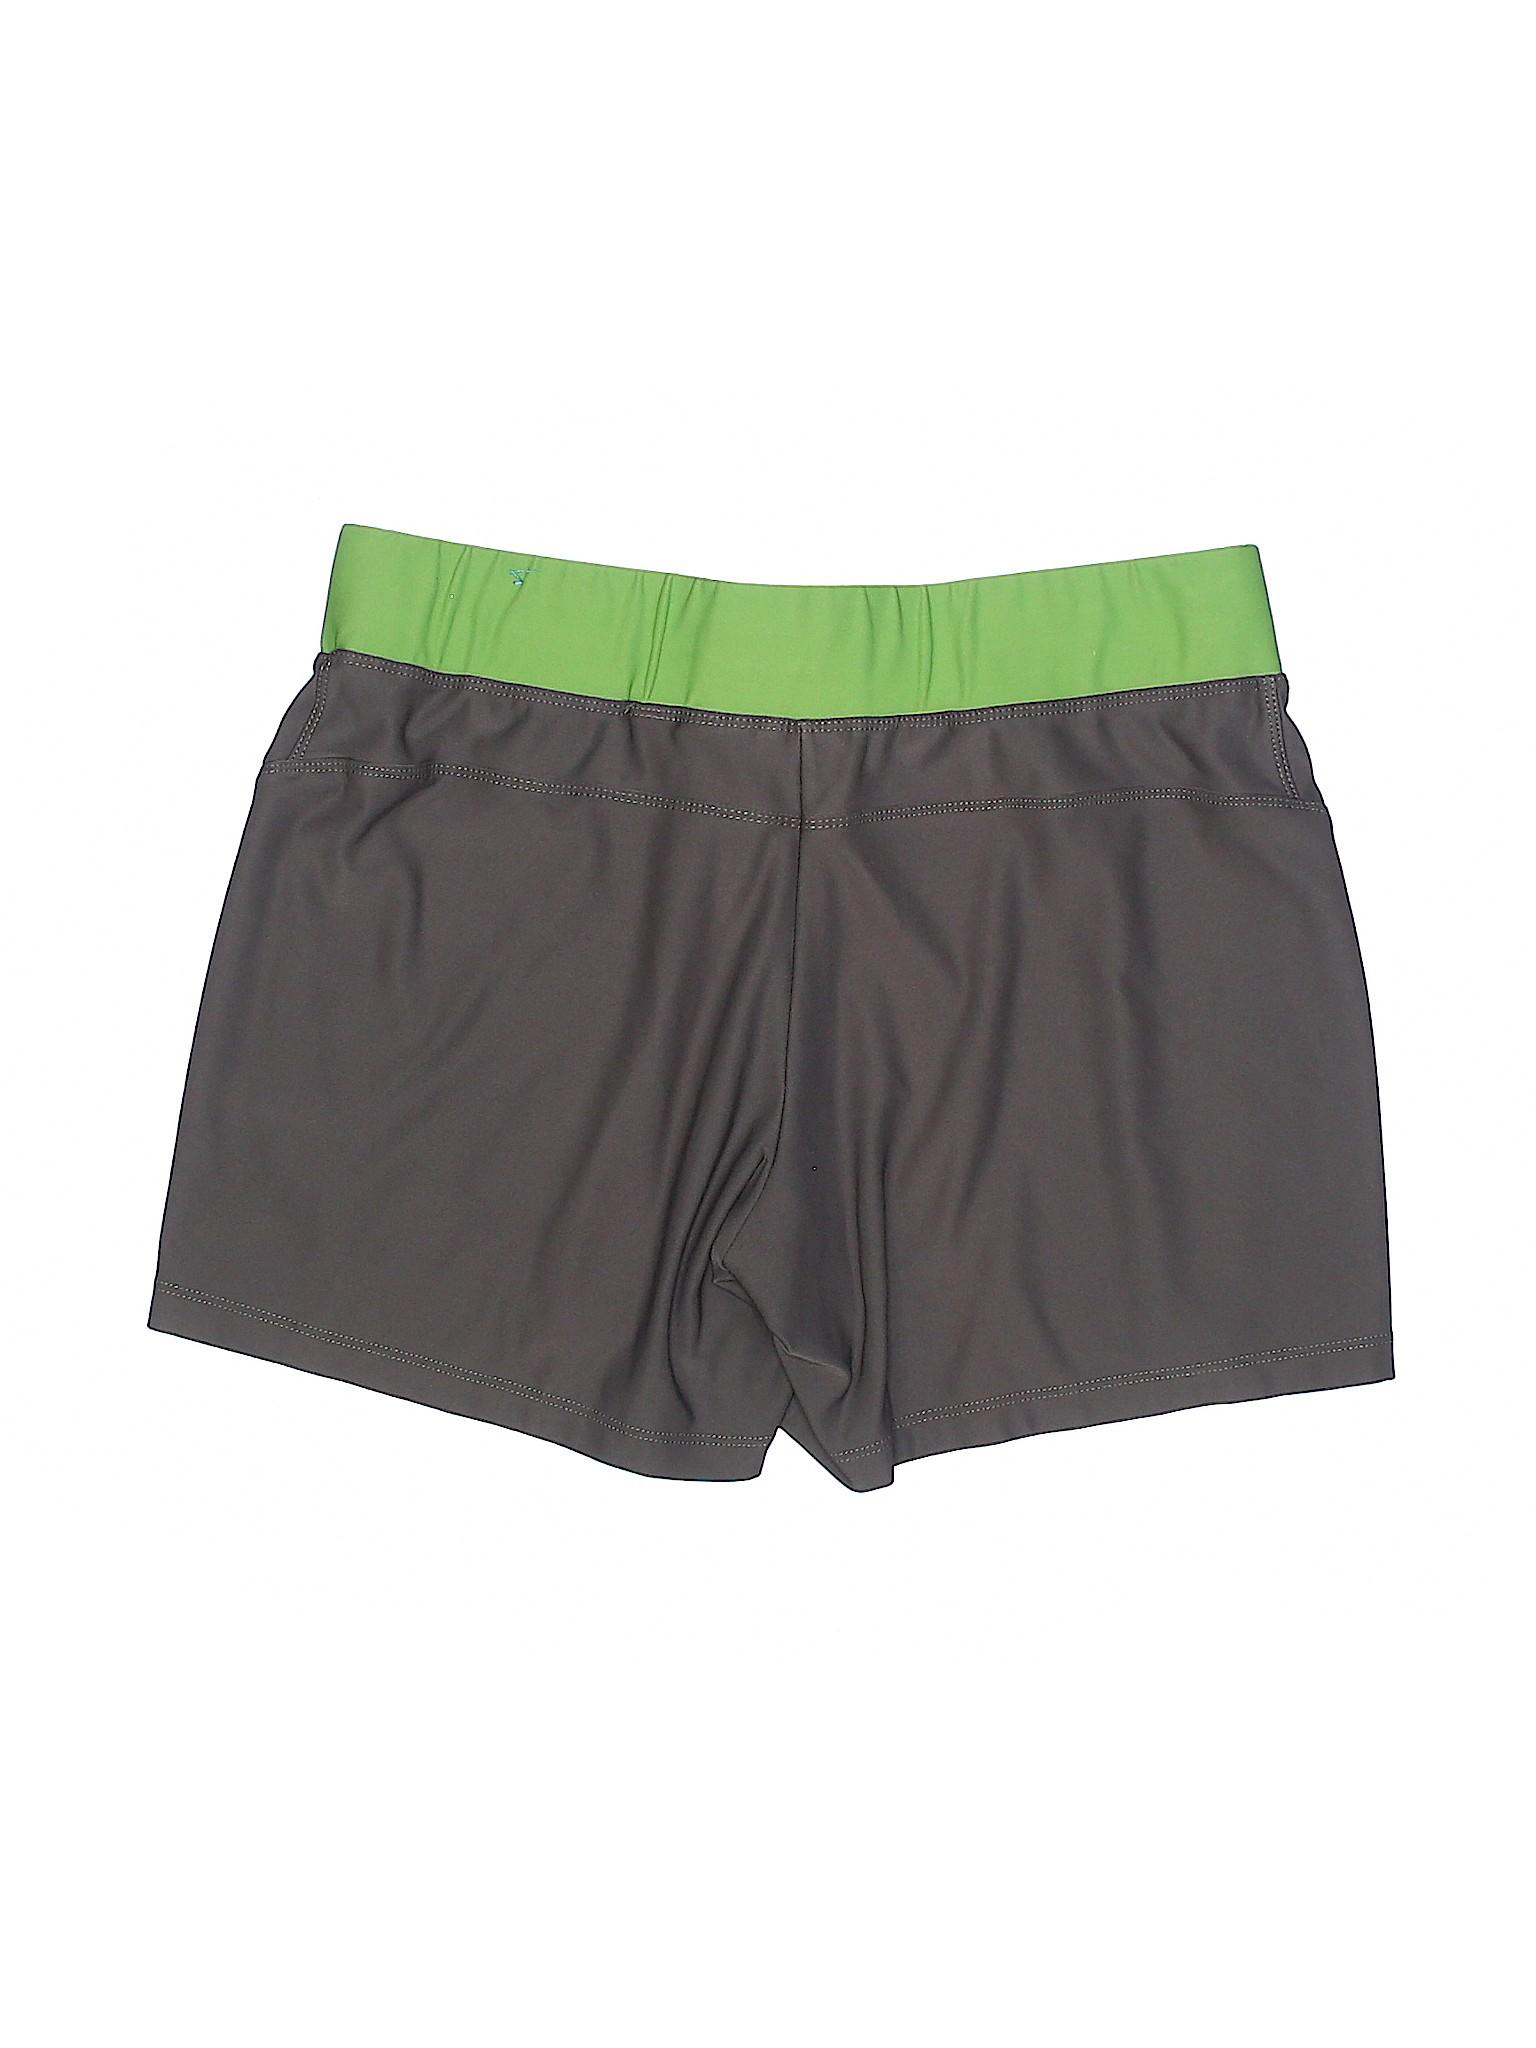 Nike Boutique Shorts Athletic Athletic Boutique Leisure Leisure Nike Shorts qtwYBB